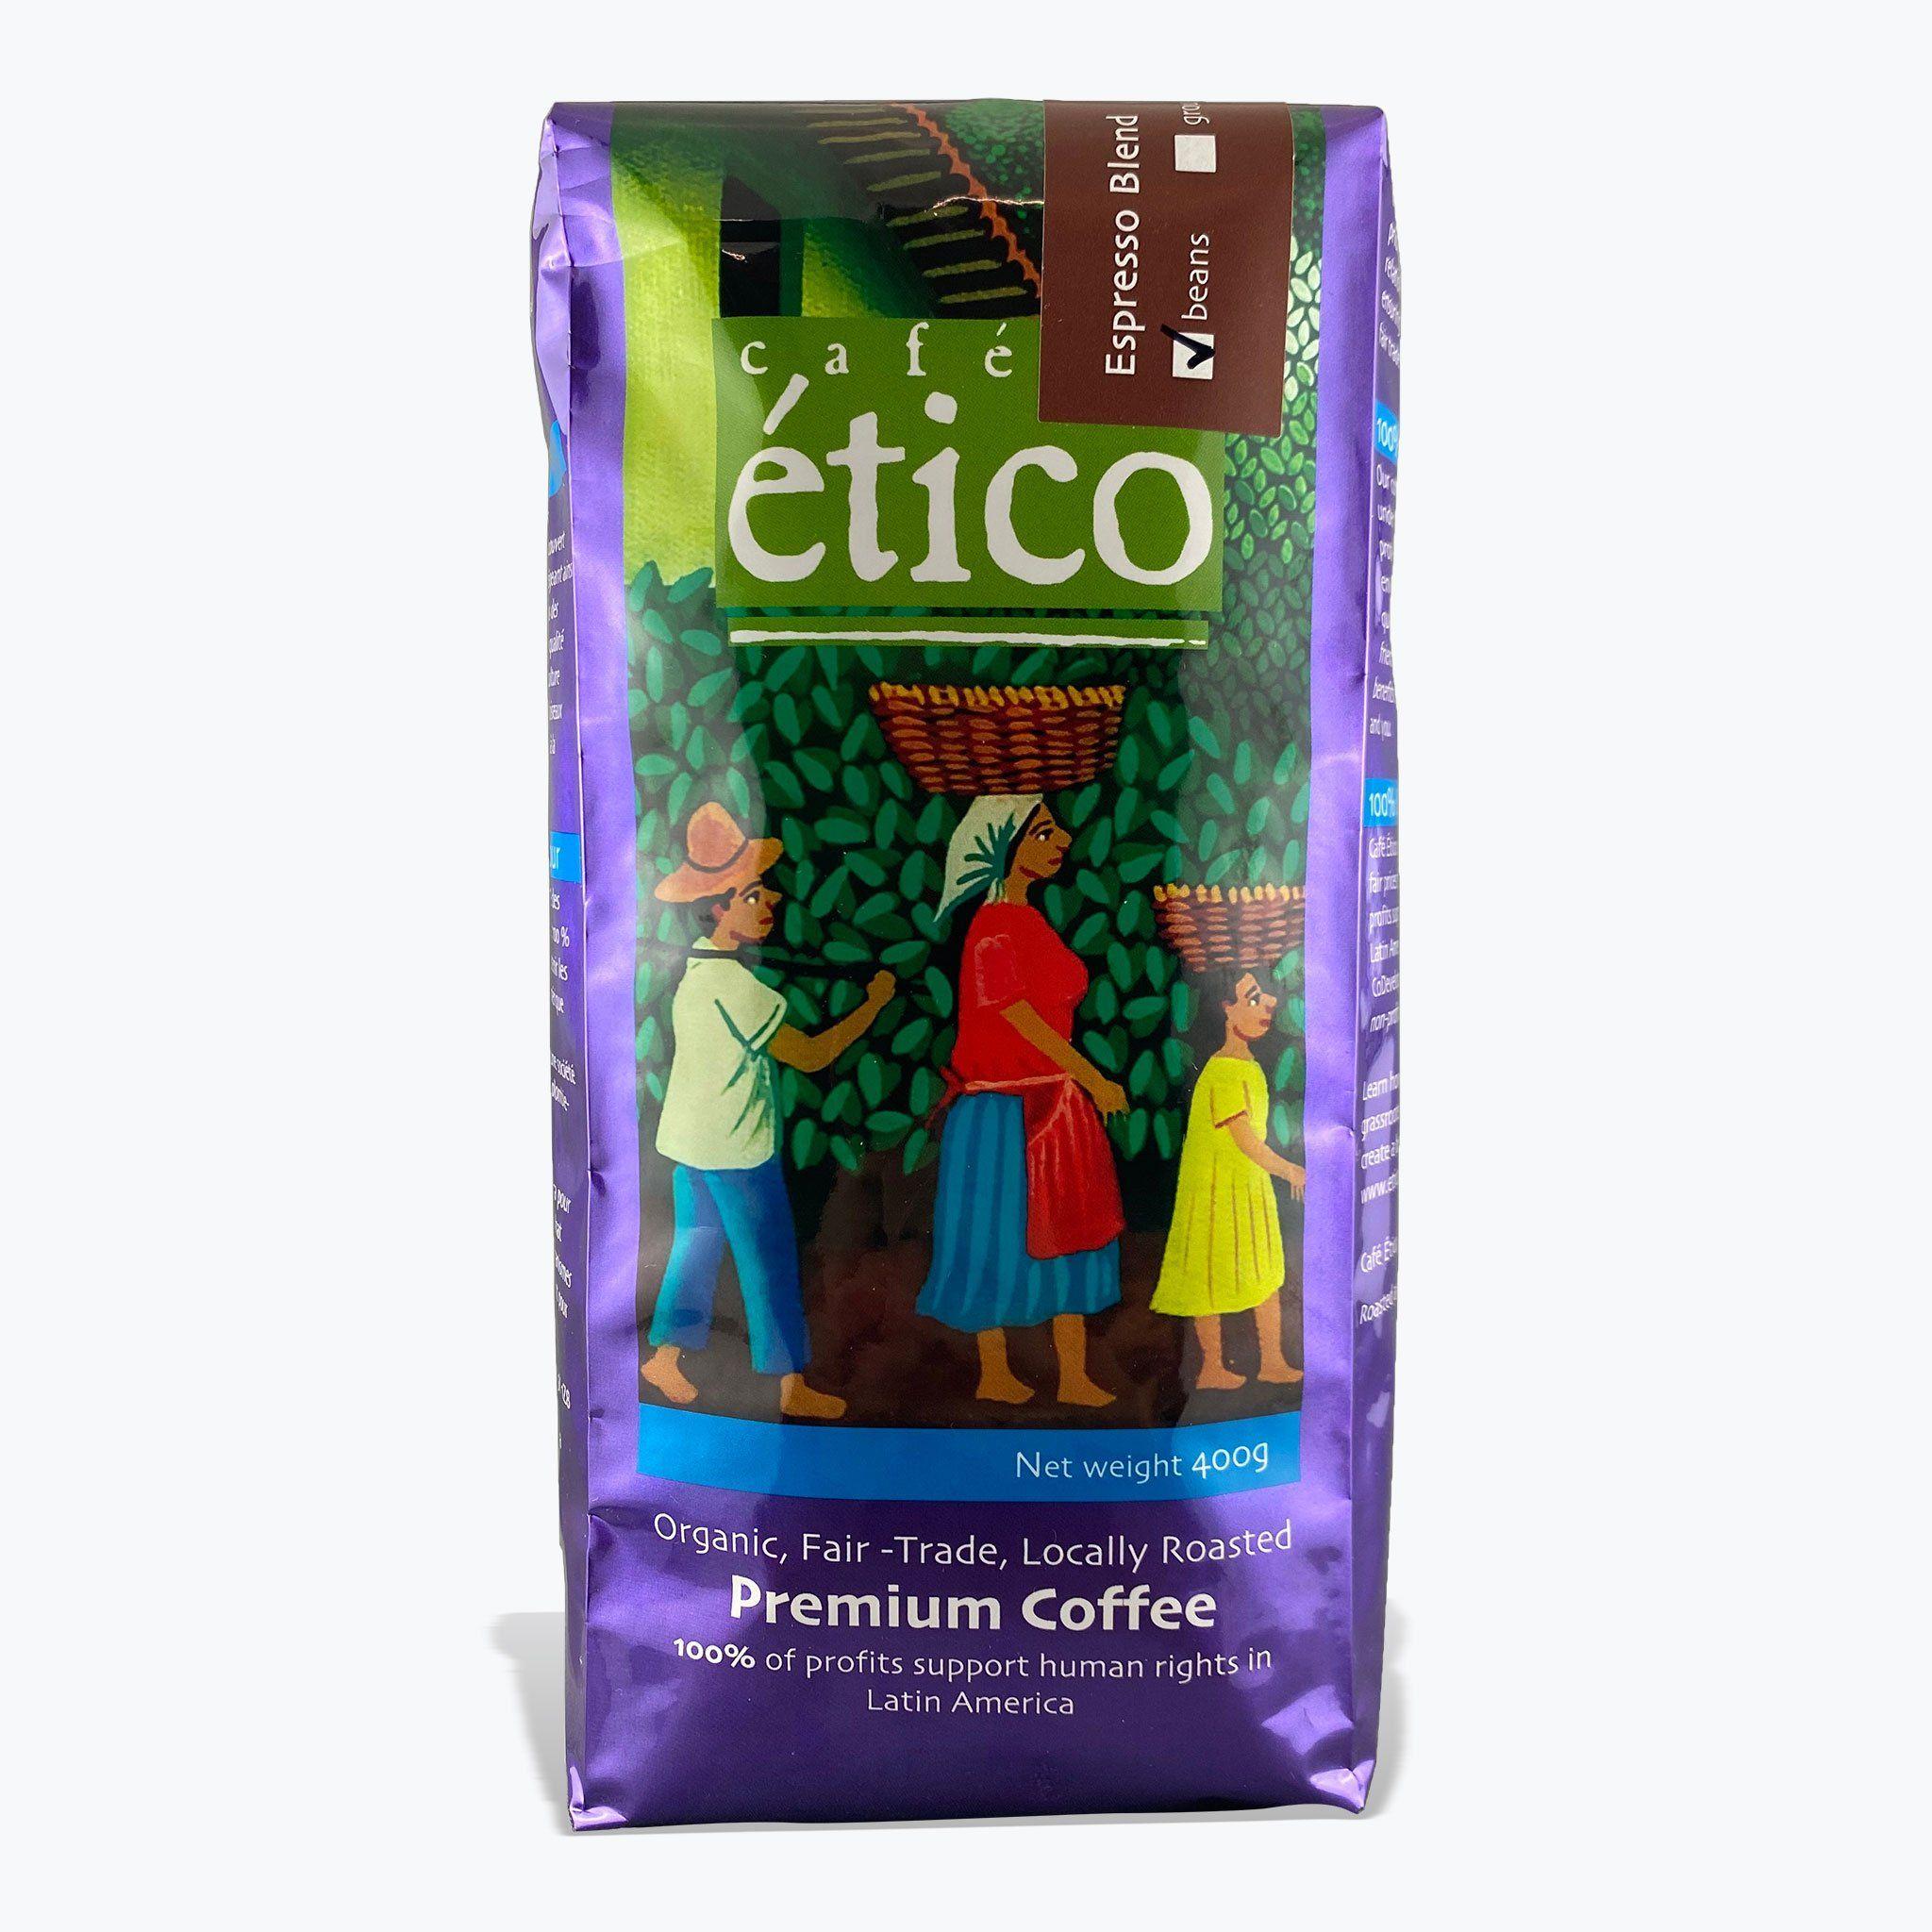 Café Ético - Espresso Blend (400g)